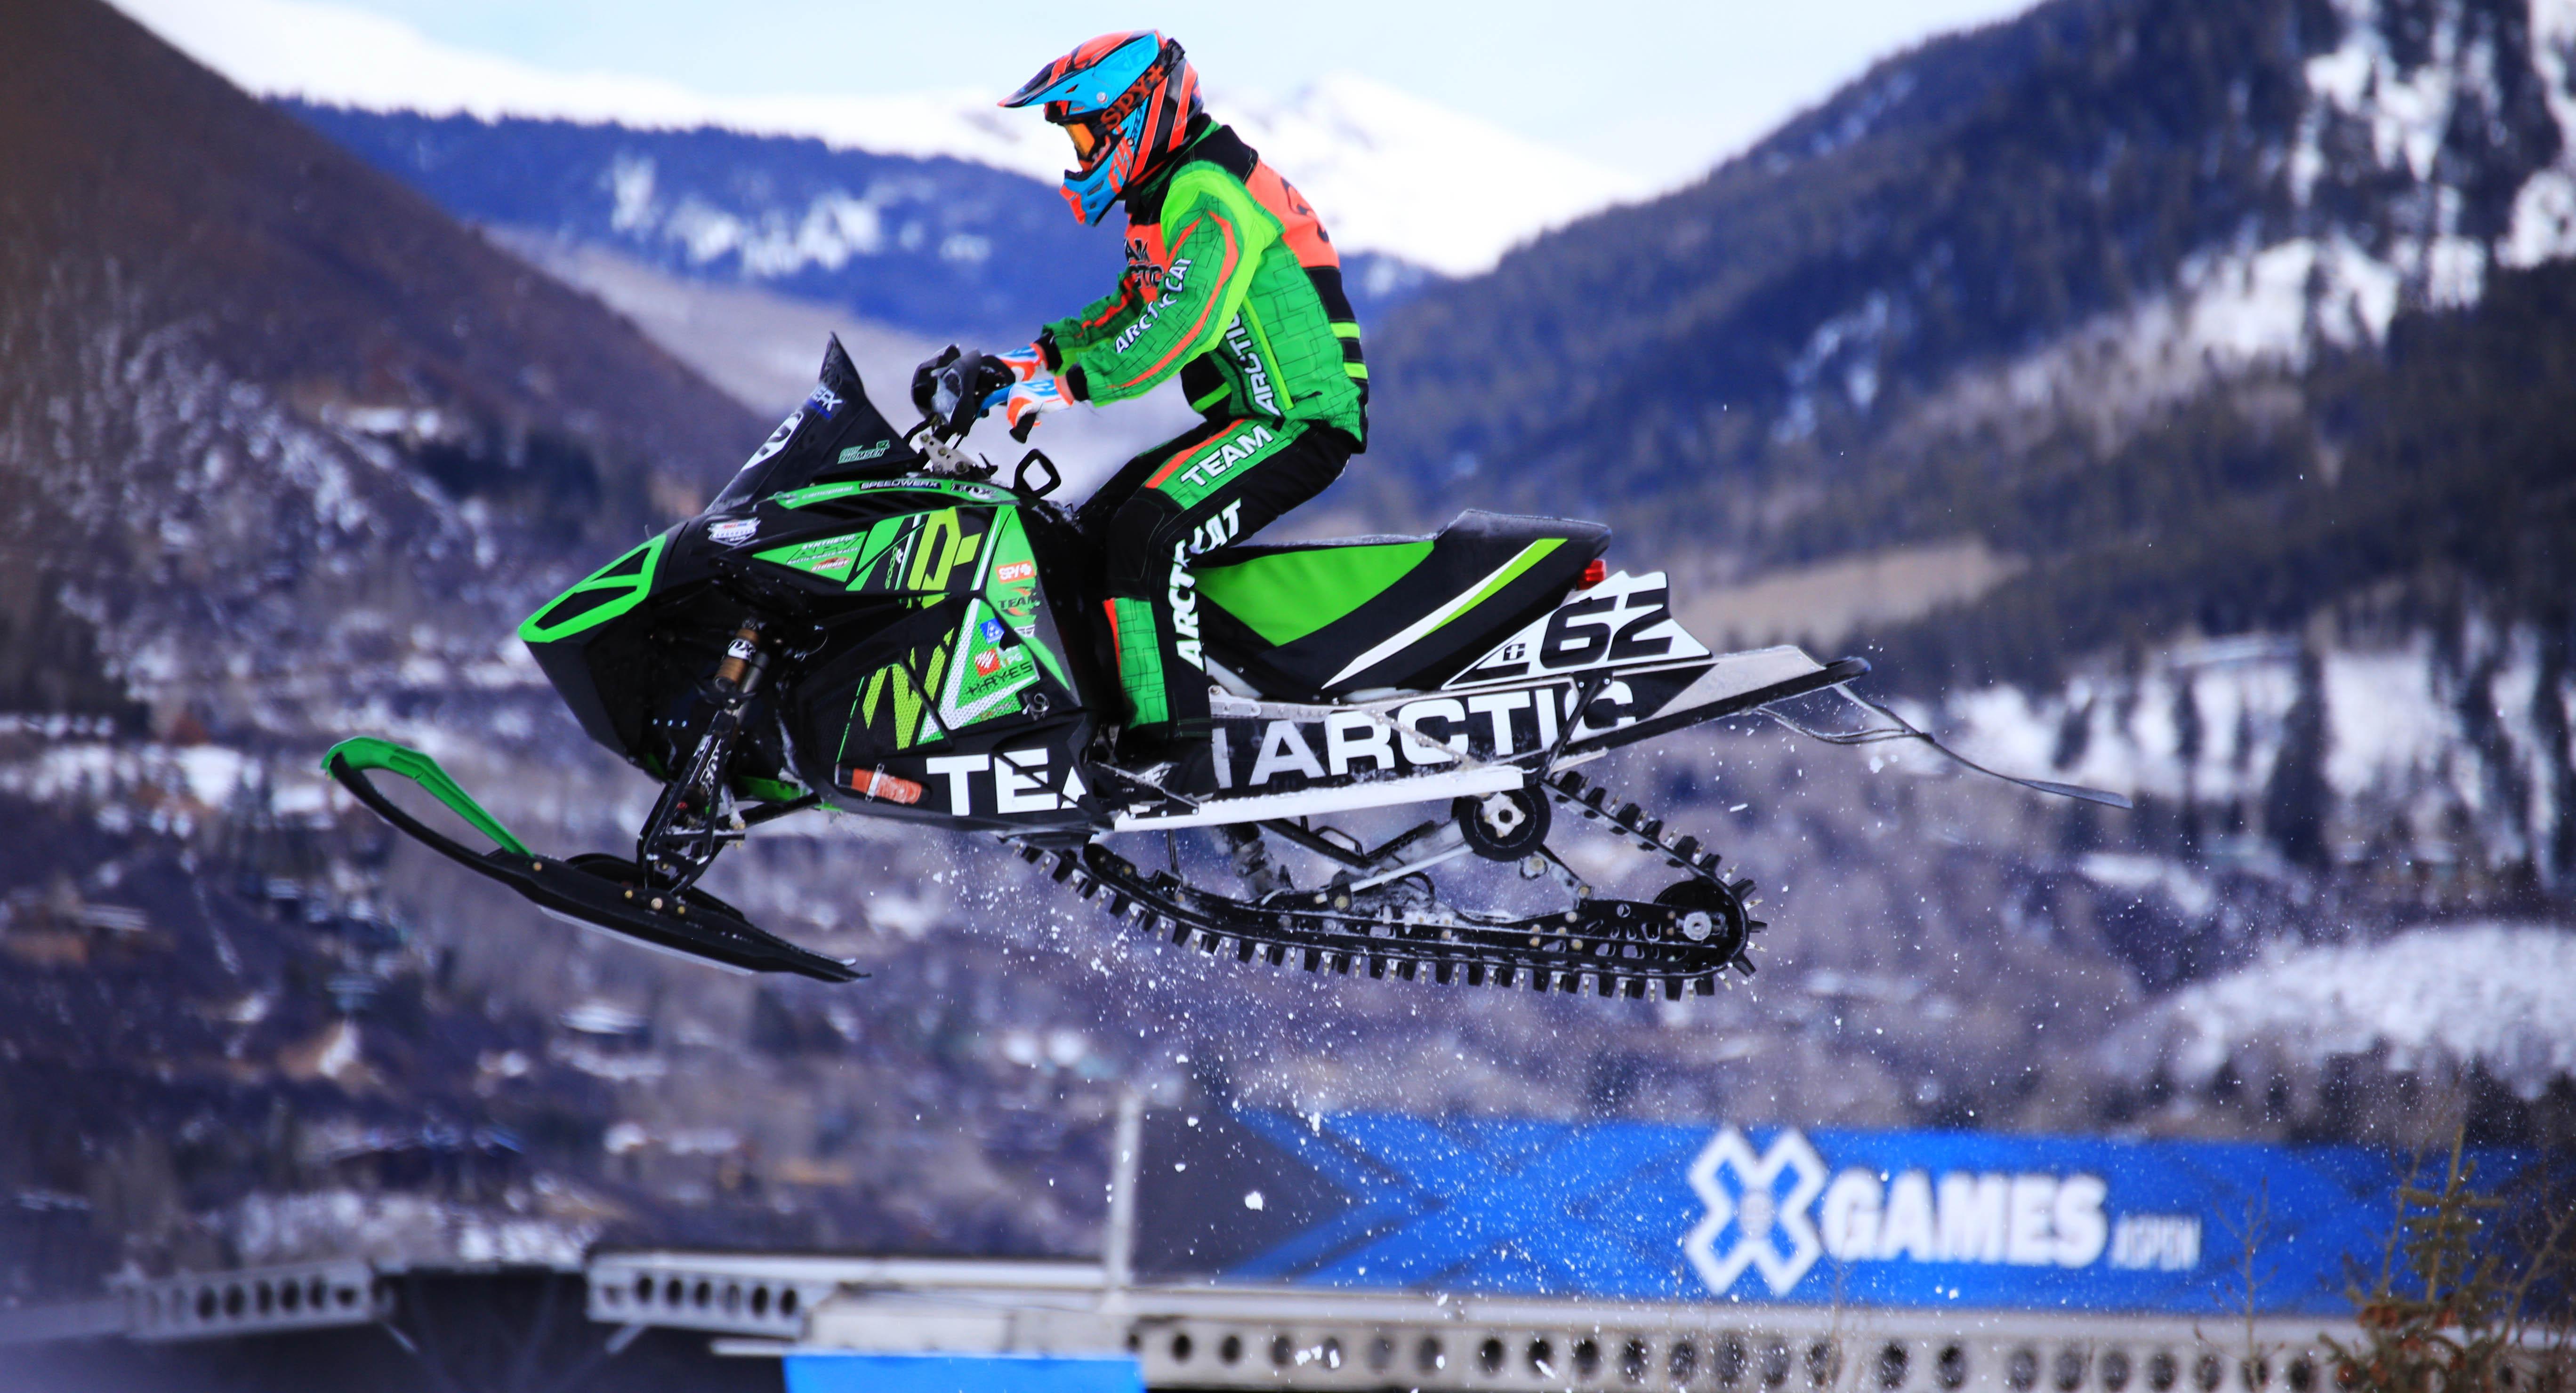 X Games 2015 - Snocross - Aspen, CO